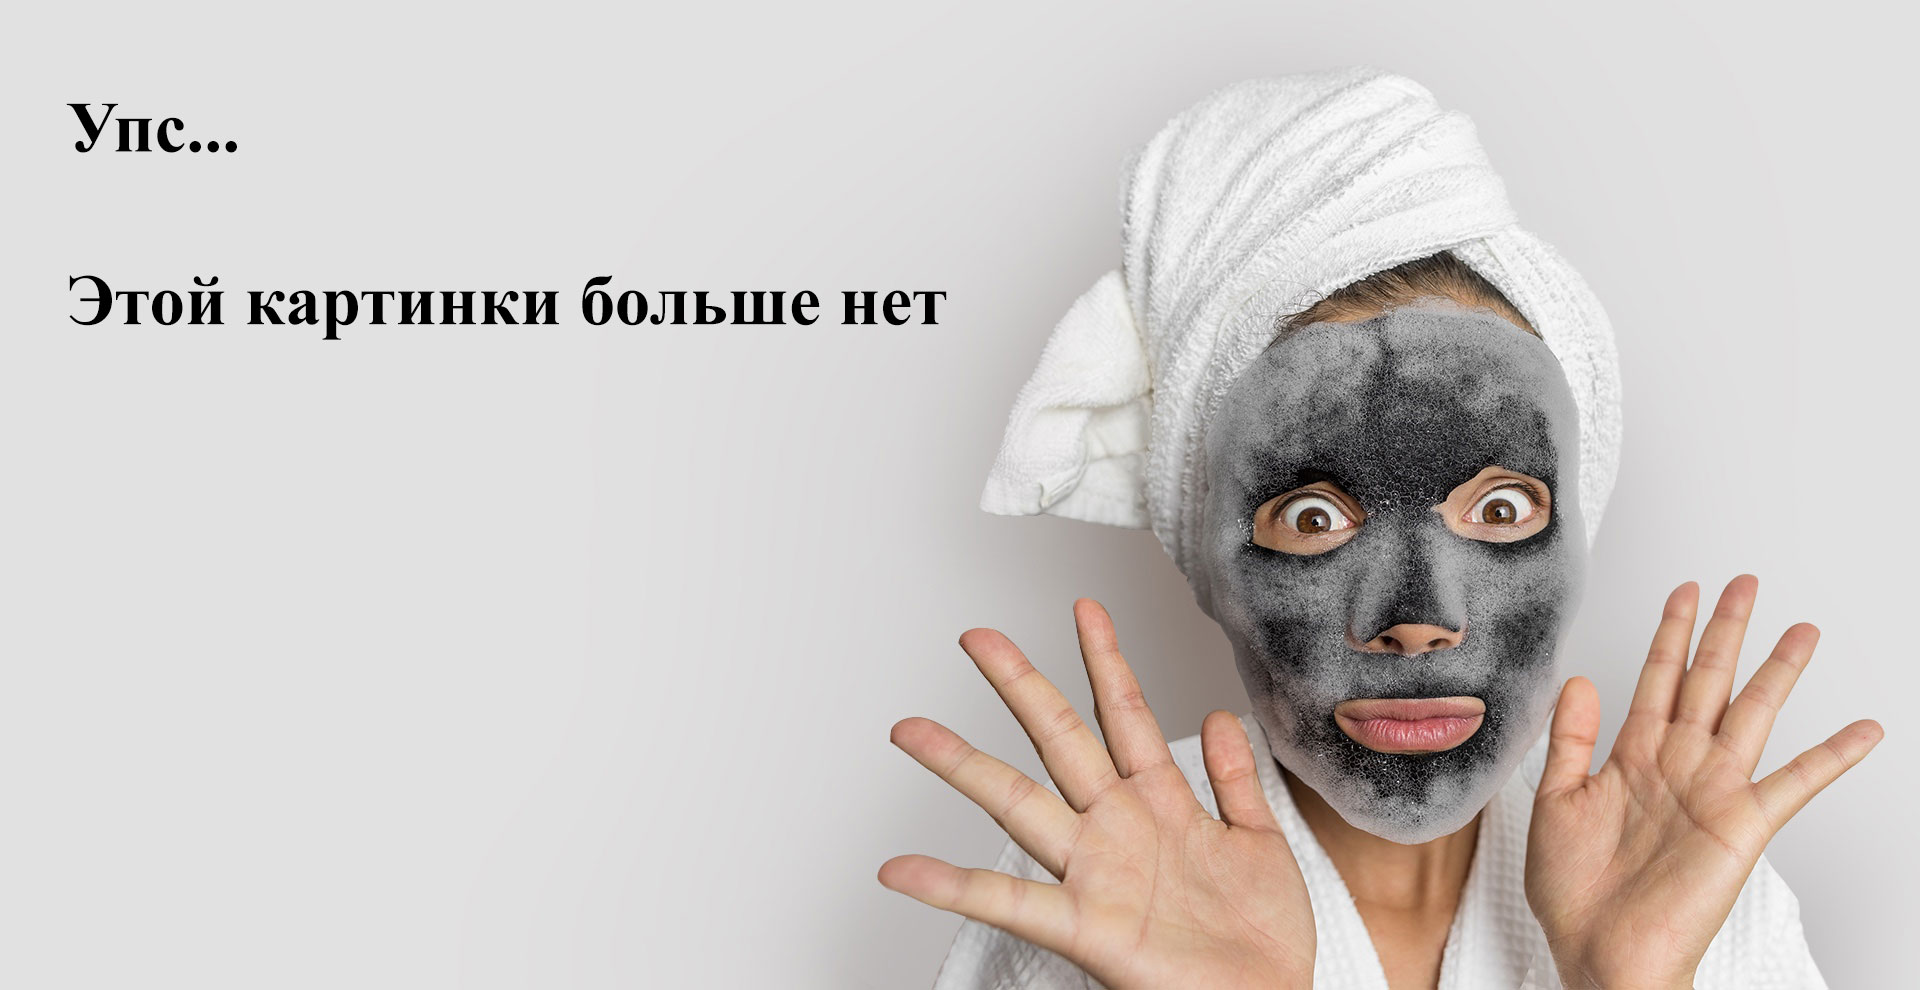 Zeitun, Маска «Укрепление по всей длине волос», 200 мл (УЦЕНКА)